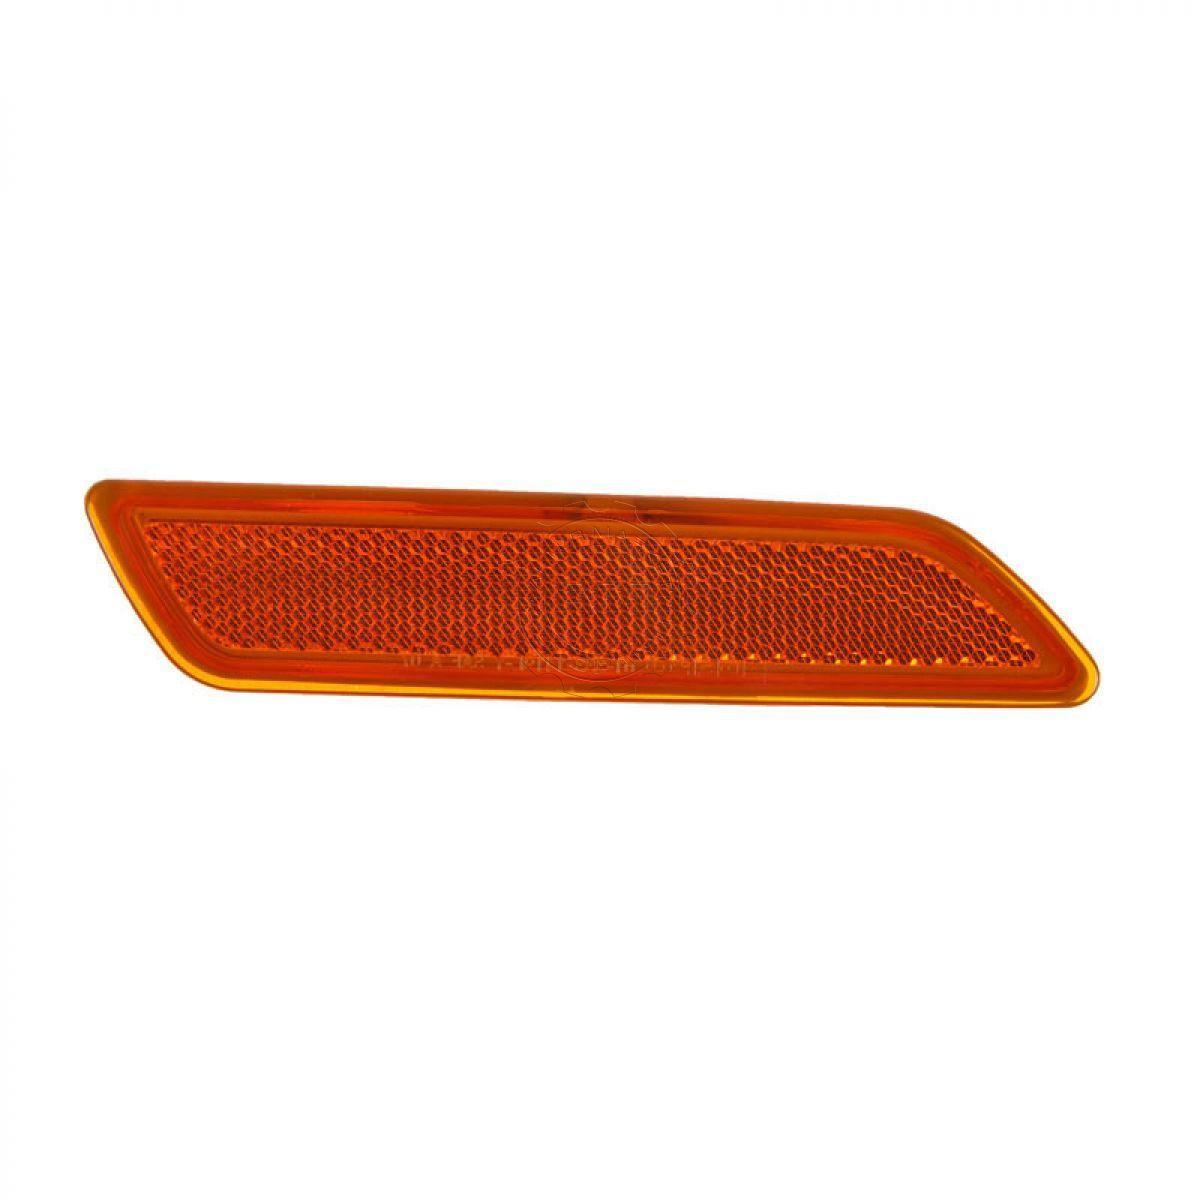 コーナーライト Front Side Marker Light Reflector Right RH for Sebring Sedan Convertible フロントサイドマーカーライトリフレクターRight RH Sebringセダンコンバーチブル用